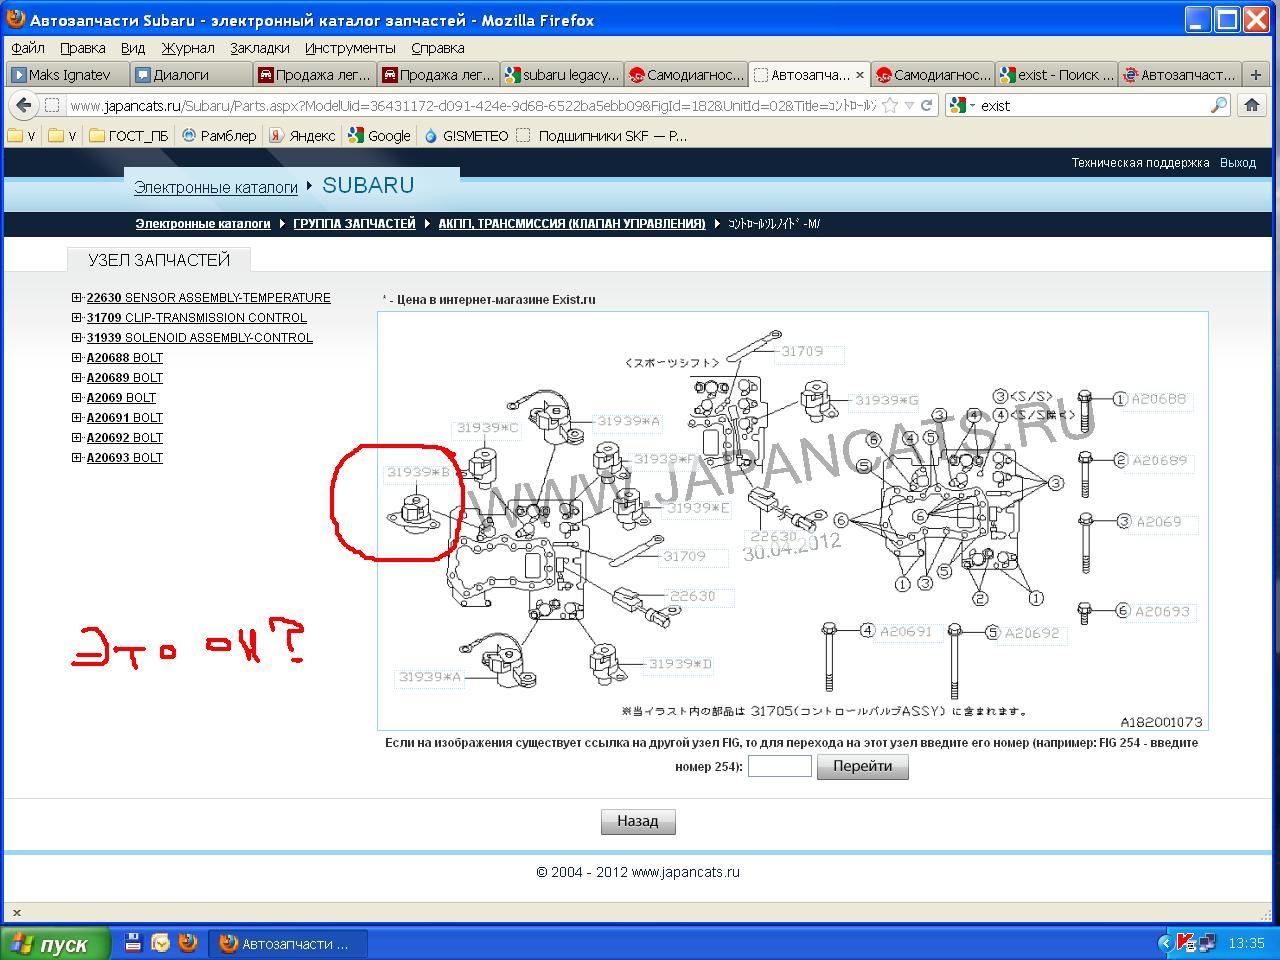 инструкция по эксплуатации impreza gg2 ej15